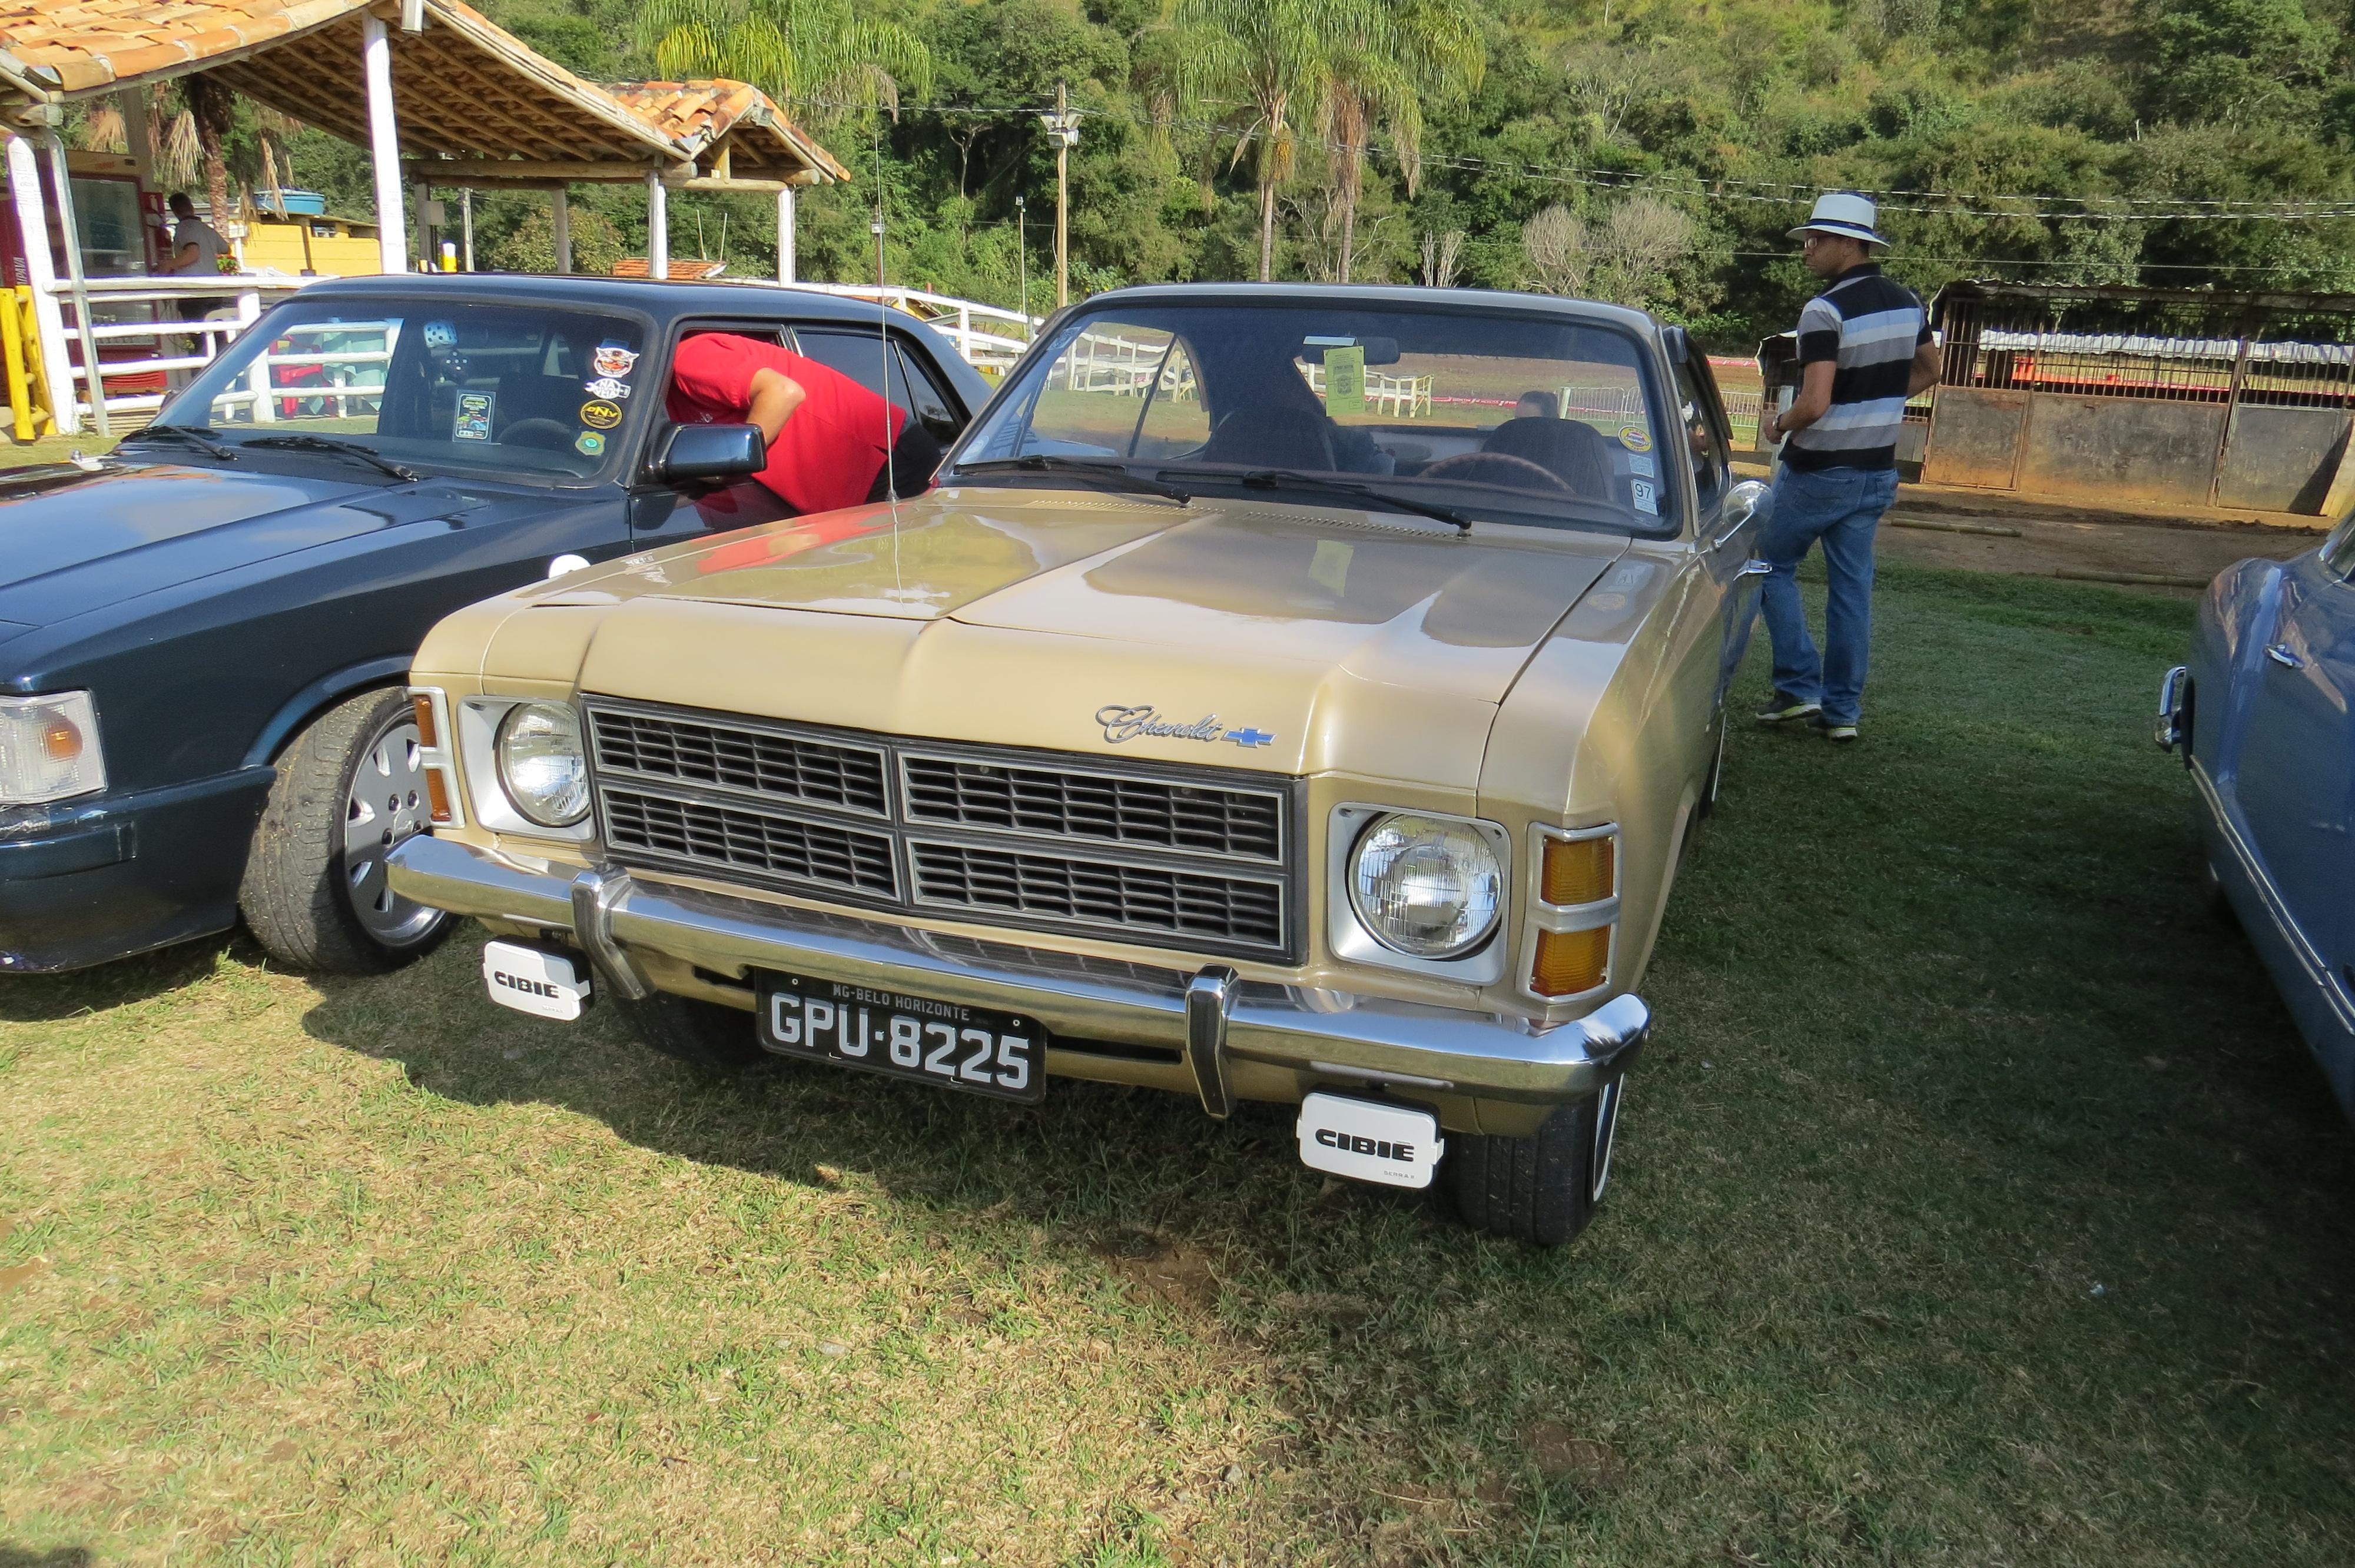 IMG 4876 - 3º Grande Encontro dos Carros Antigos do Sul de Minas